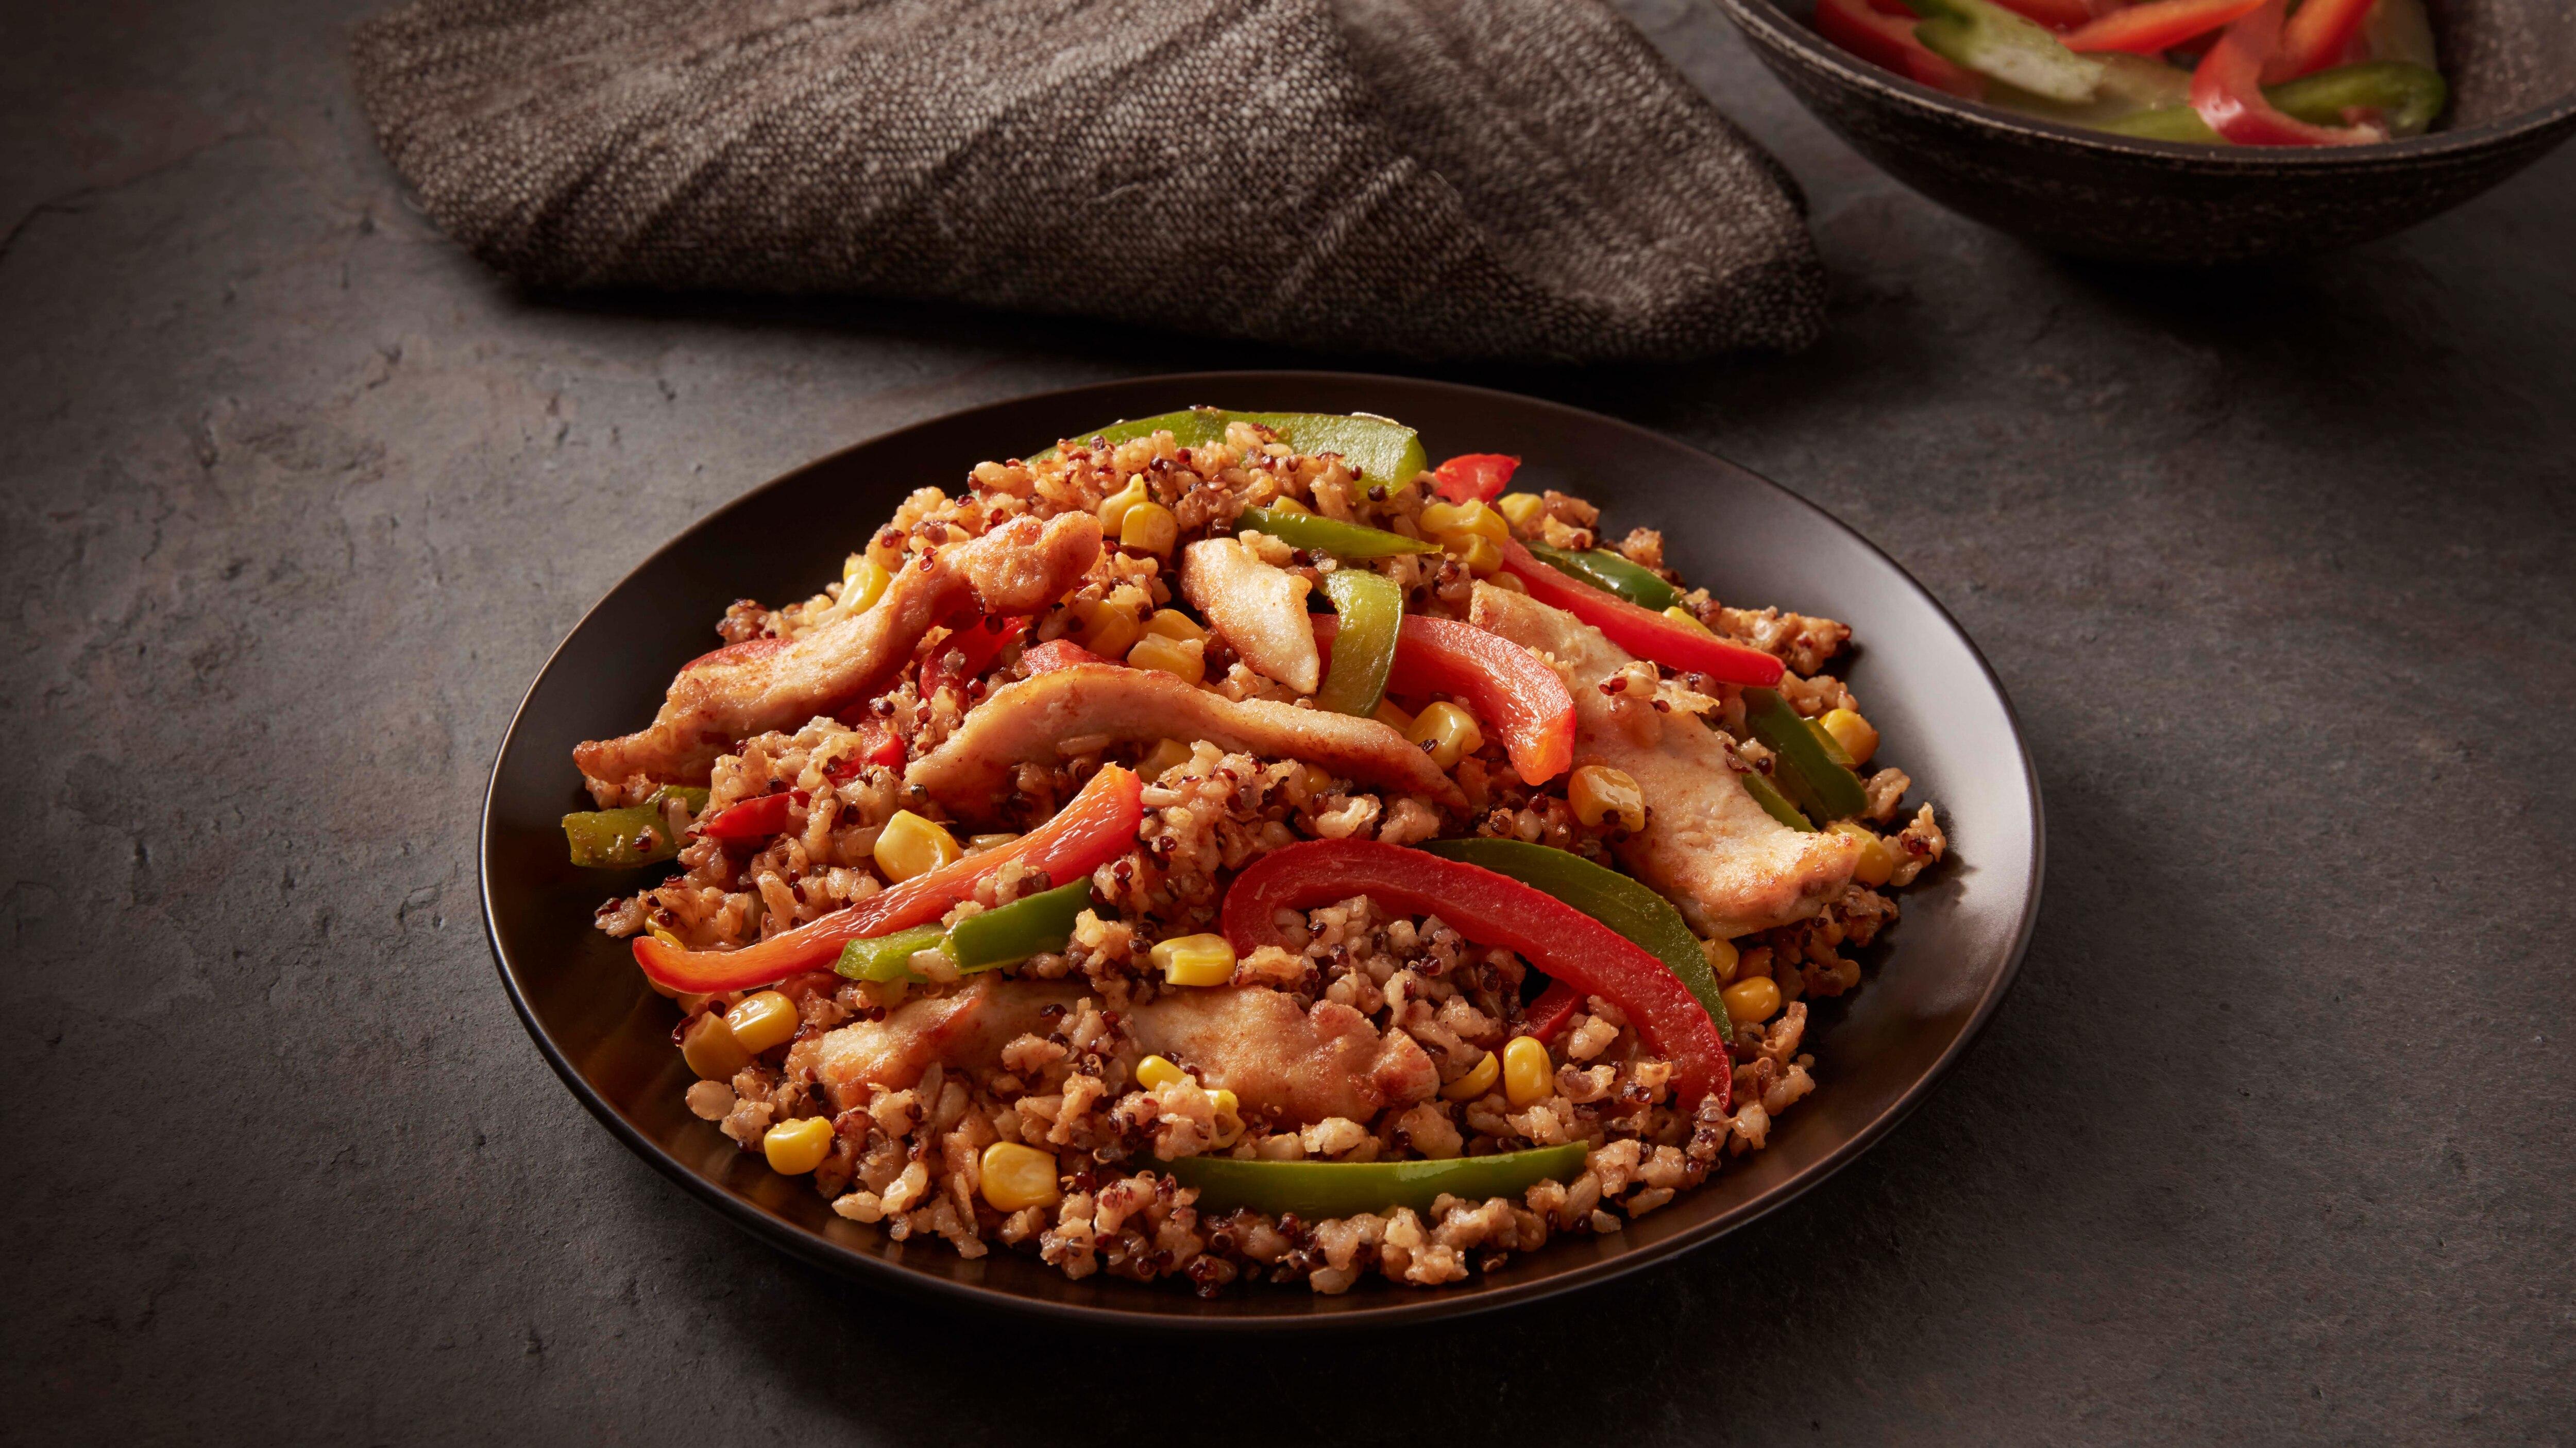 Southwestern Chicken Brown Rice & Quinoa